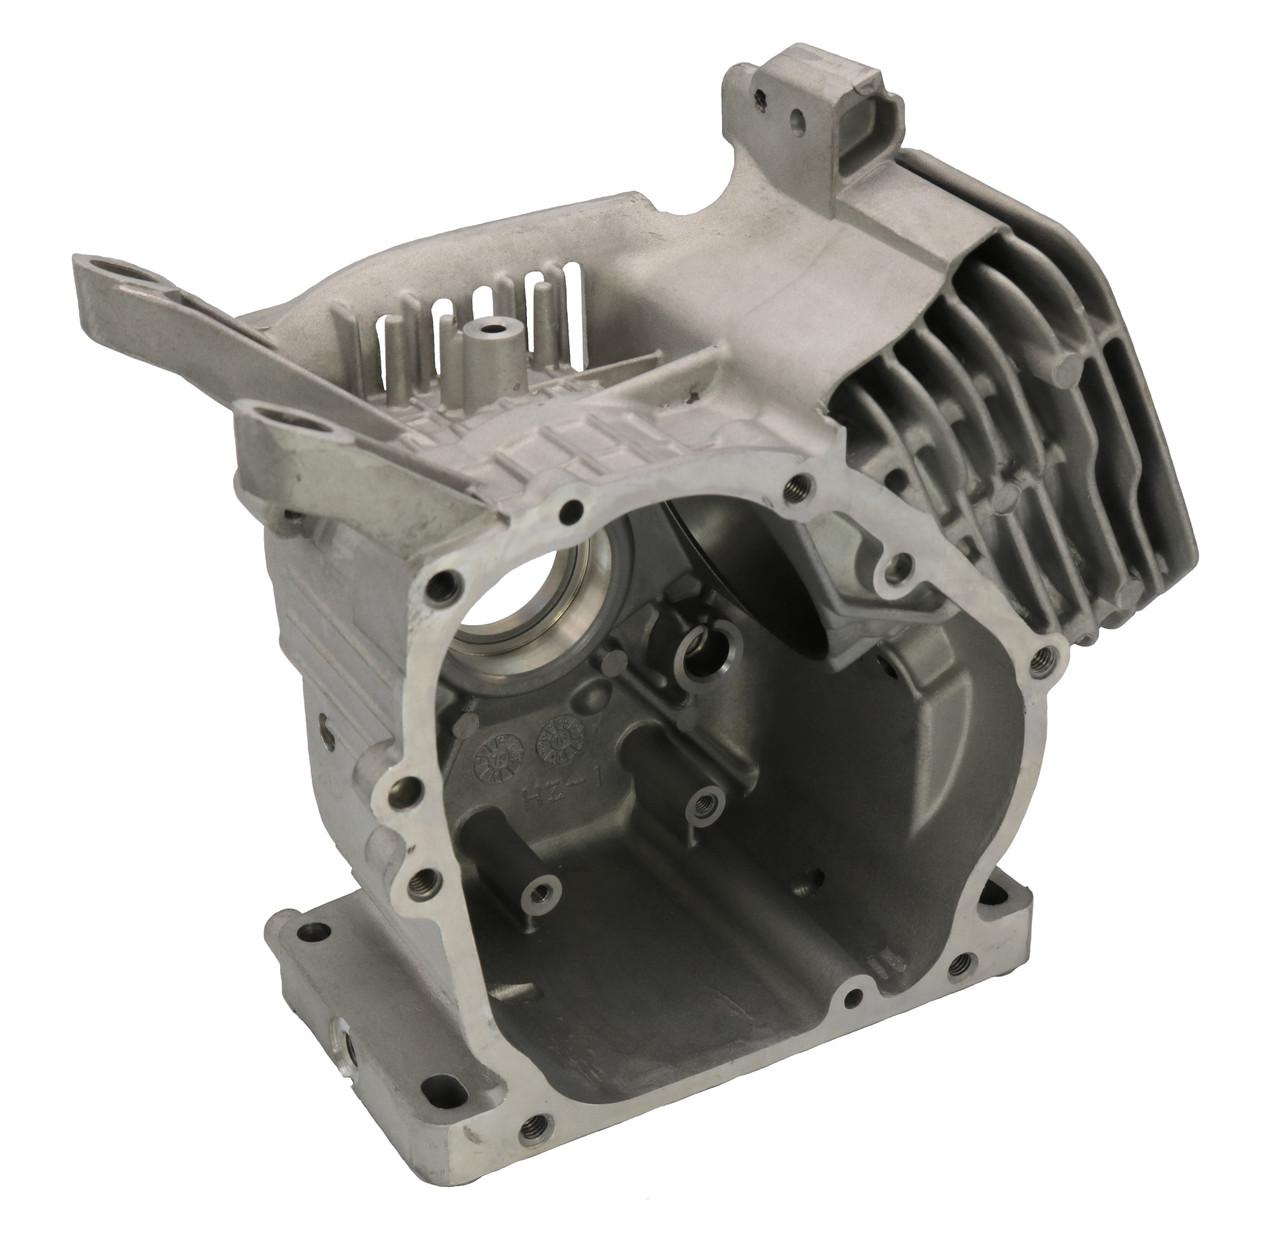 212-1270 OHV 70MM (2.756) Cylinder Assembly